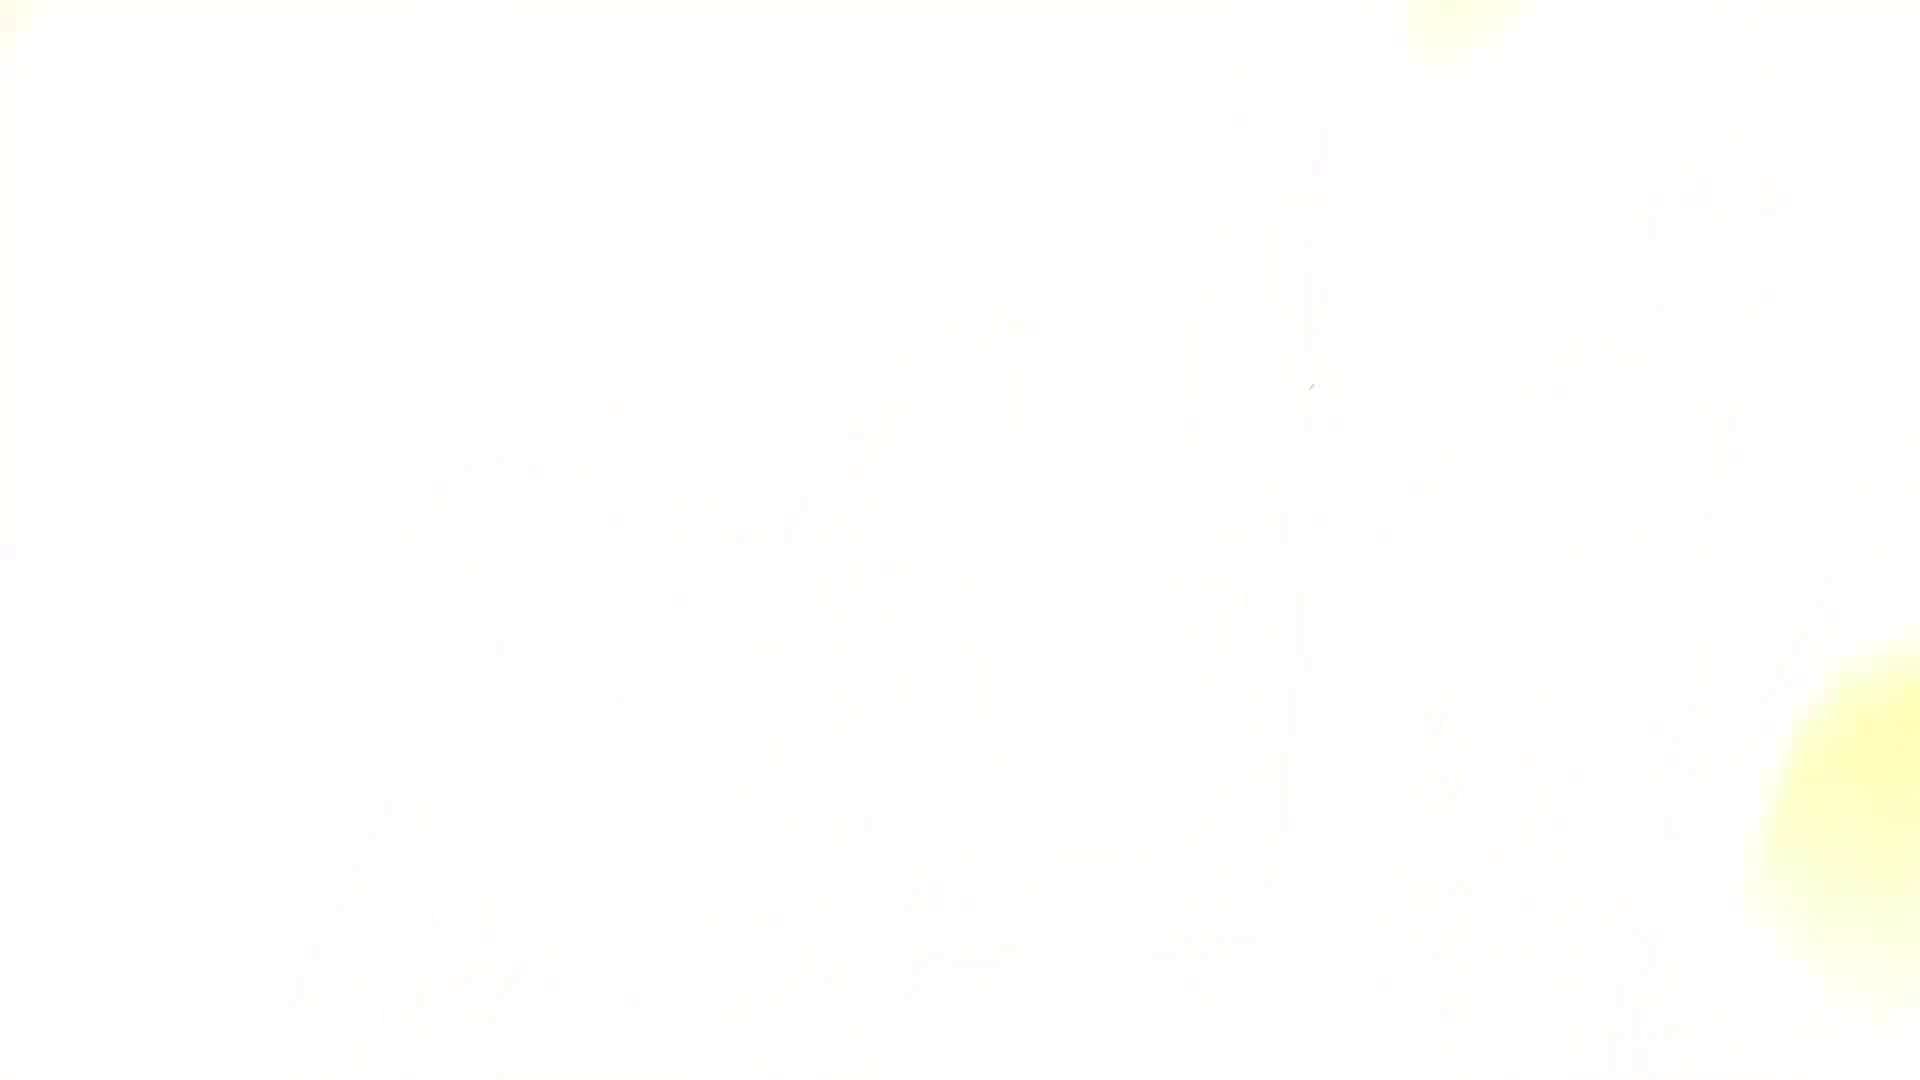 ヤリマンのオマンコ:ヒトニアラズvol.11 紅 崩:怪盗ジョーカー